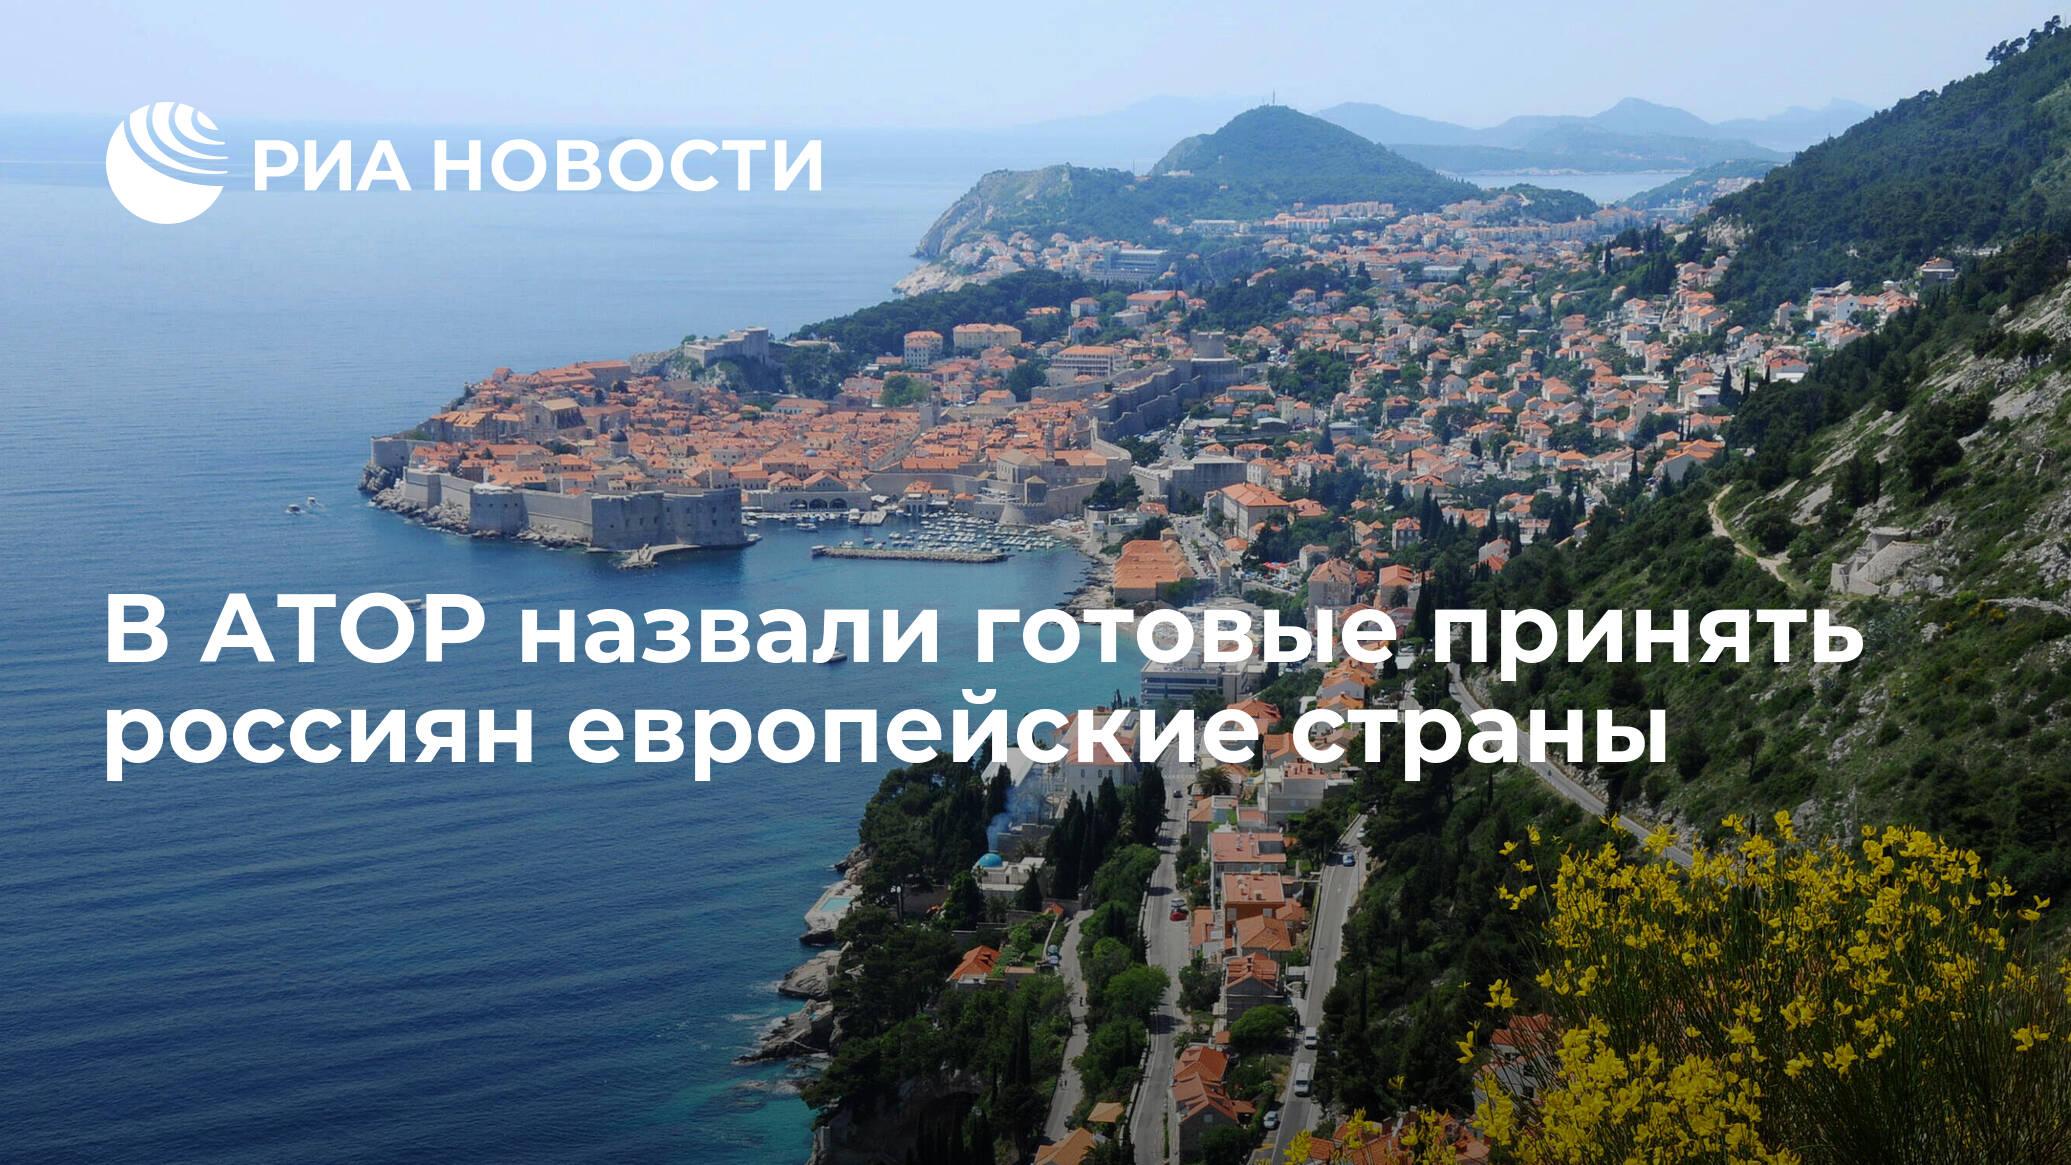 Названы готовые принять российских туристов страны Евросоюза